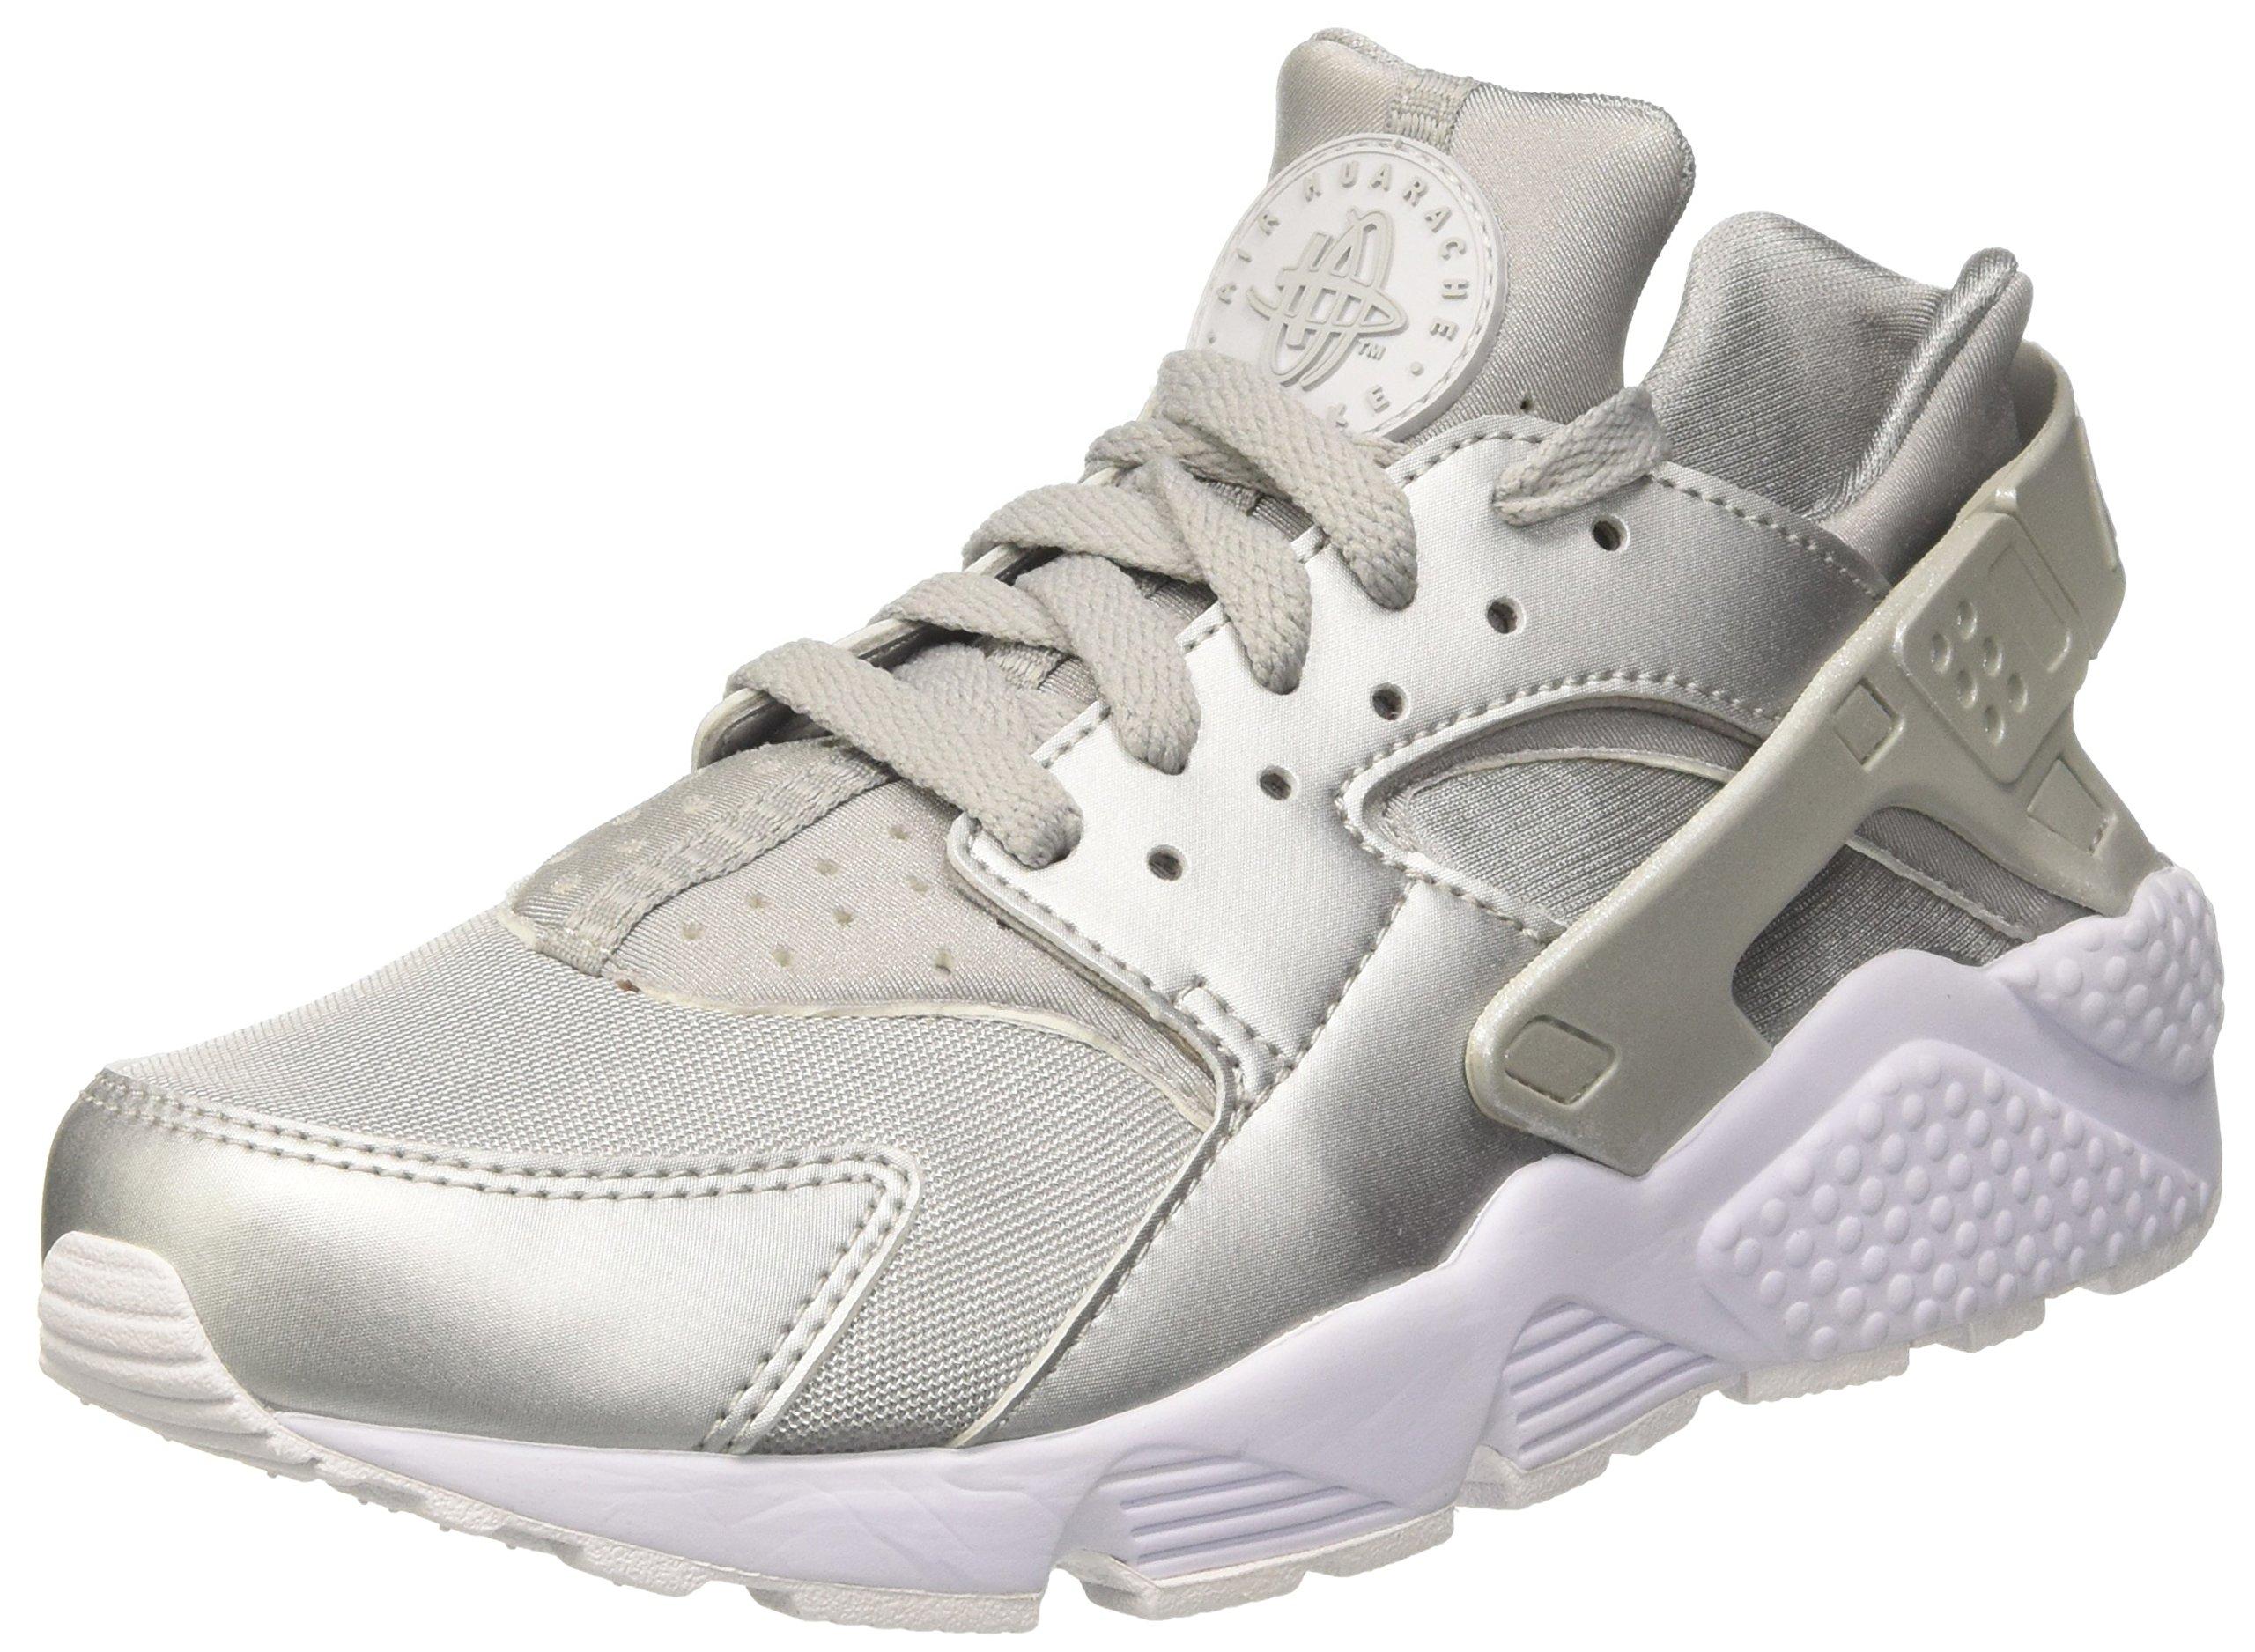 wholesale dealer 2d99c 80edf Galleon - NIKE Men s Air Huarache Run Premium Metallic Silver 704830-008  Shoe 12 M US Men